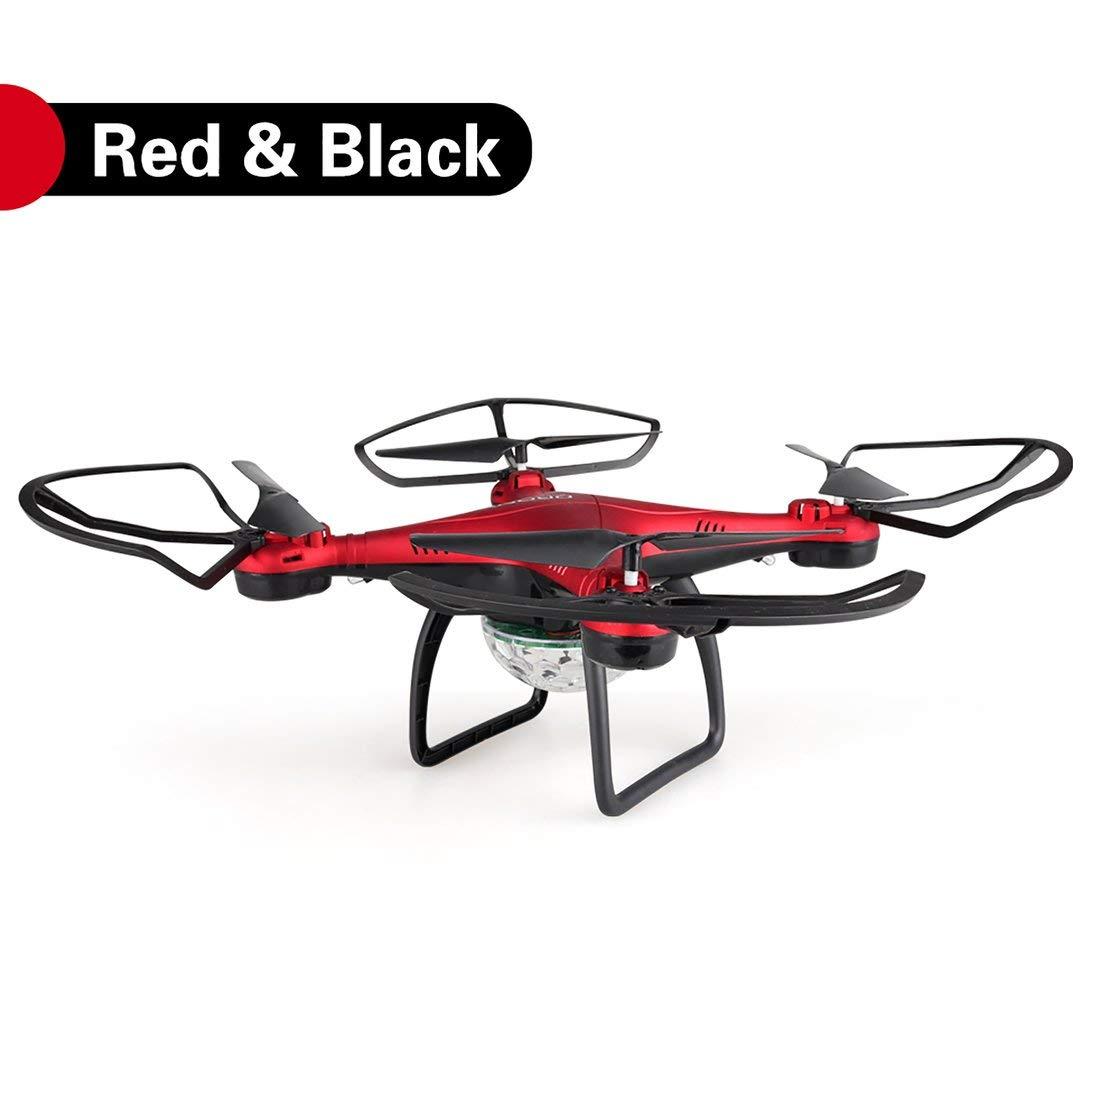 Hermosairis Achsen-Flugzeug RC Quadcopter-Brummen-Hubschrauber-Modell-elektronisches Spielzeug